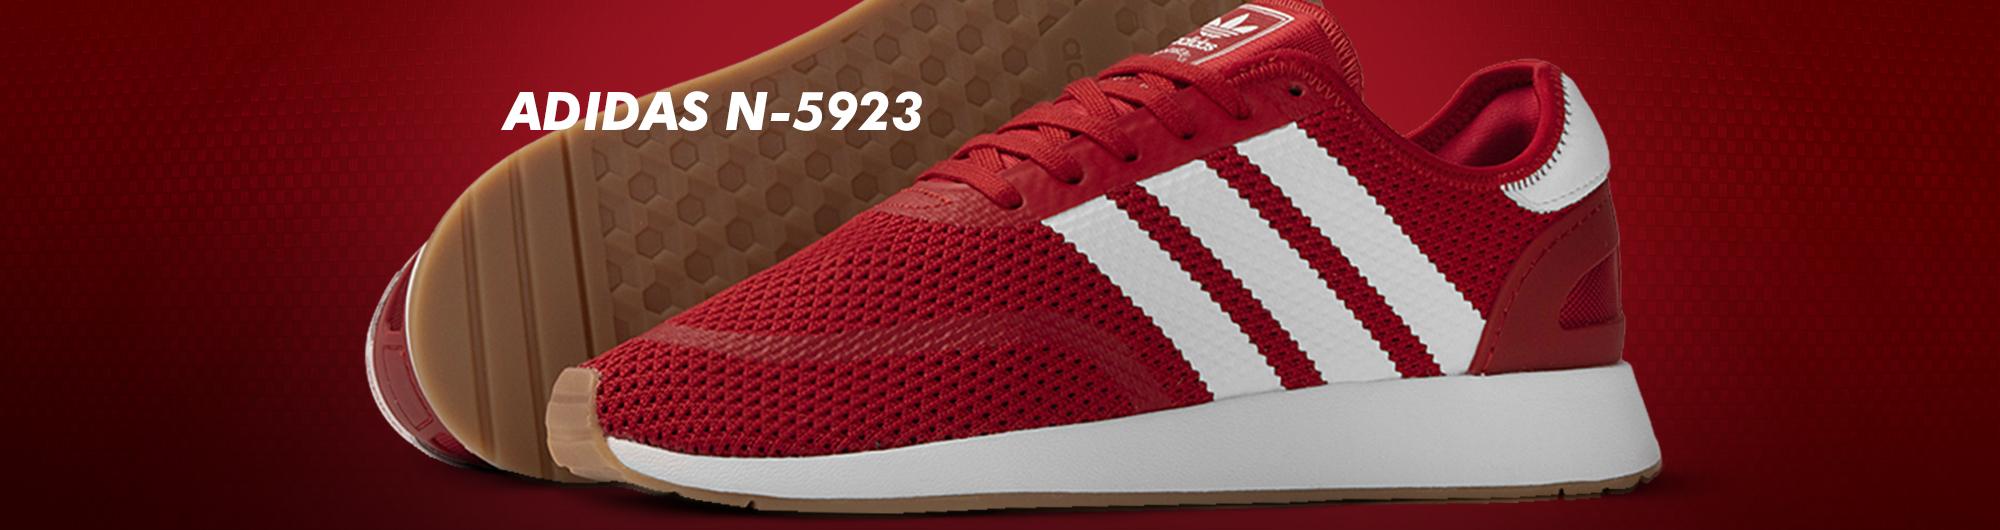 tvdesk_p1-14_01_18-Tenis_adidas